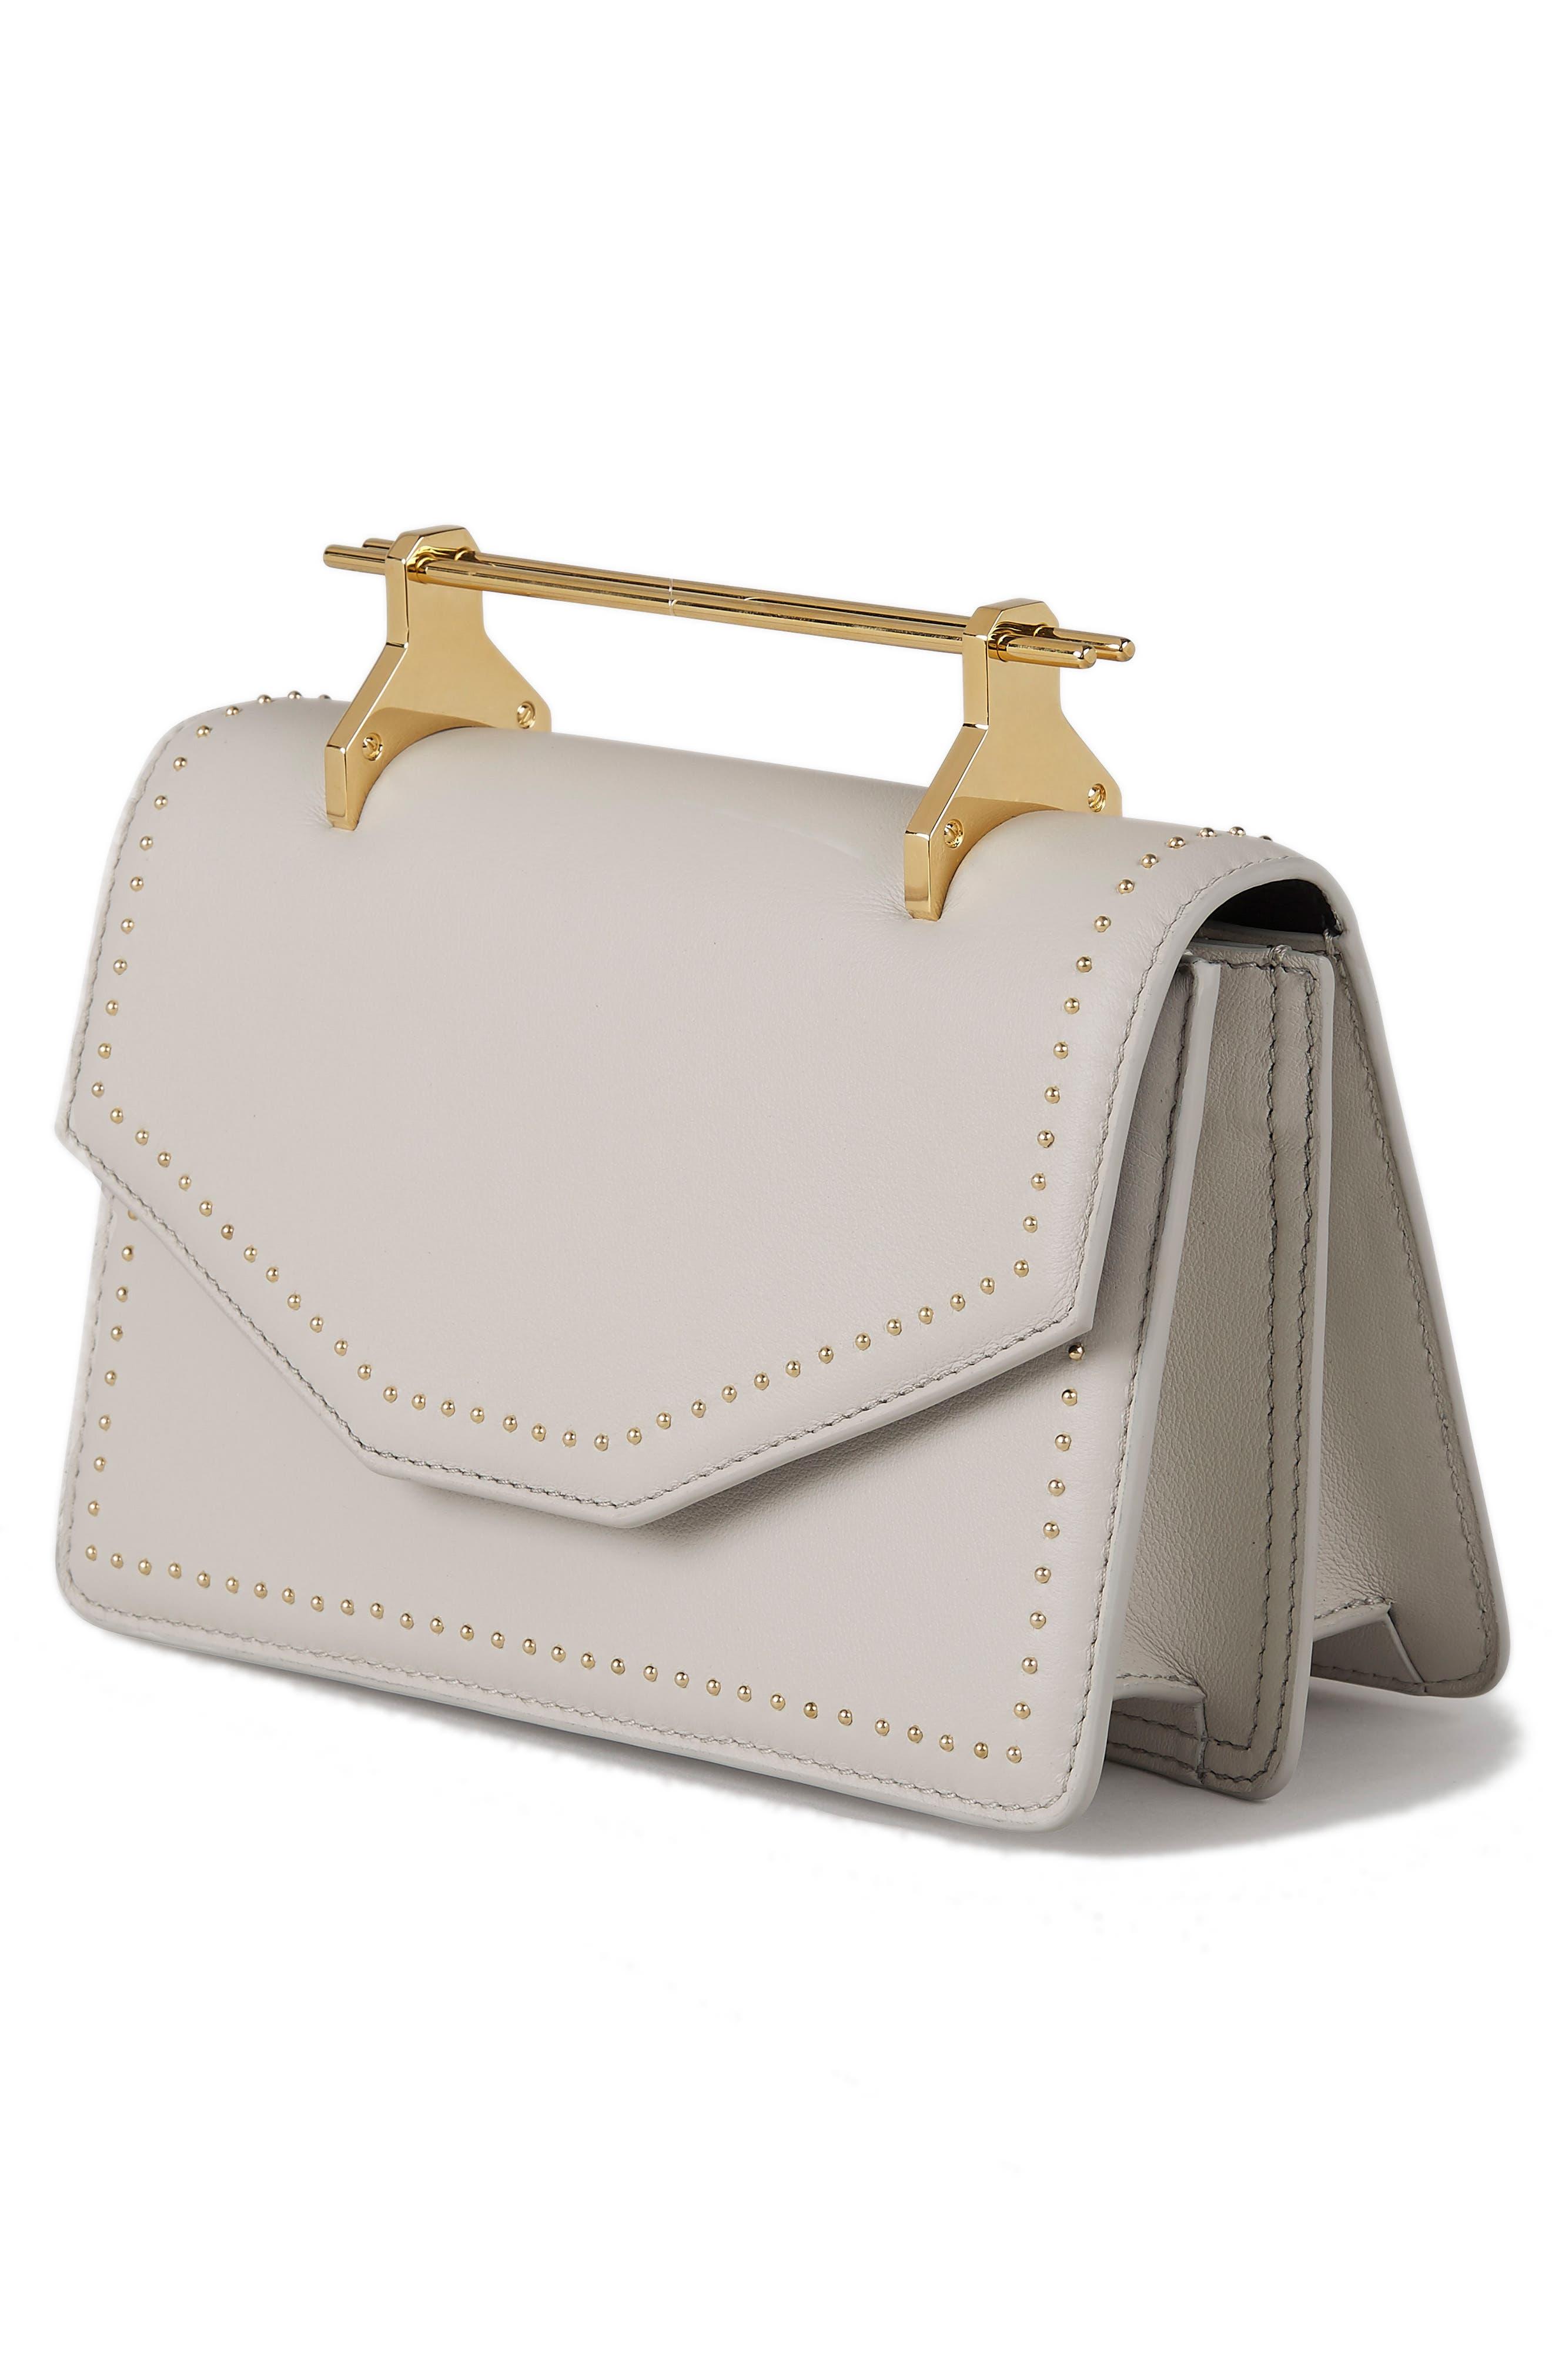 Indre Leather Shoulder Bag,                             Alternate thumbnail 3, color,                             Studded Cool Grey/ Gold